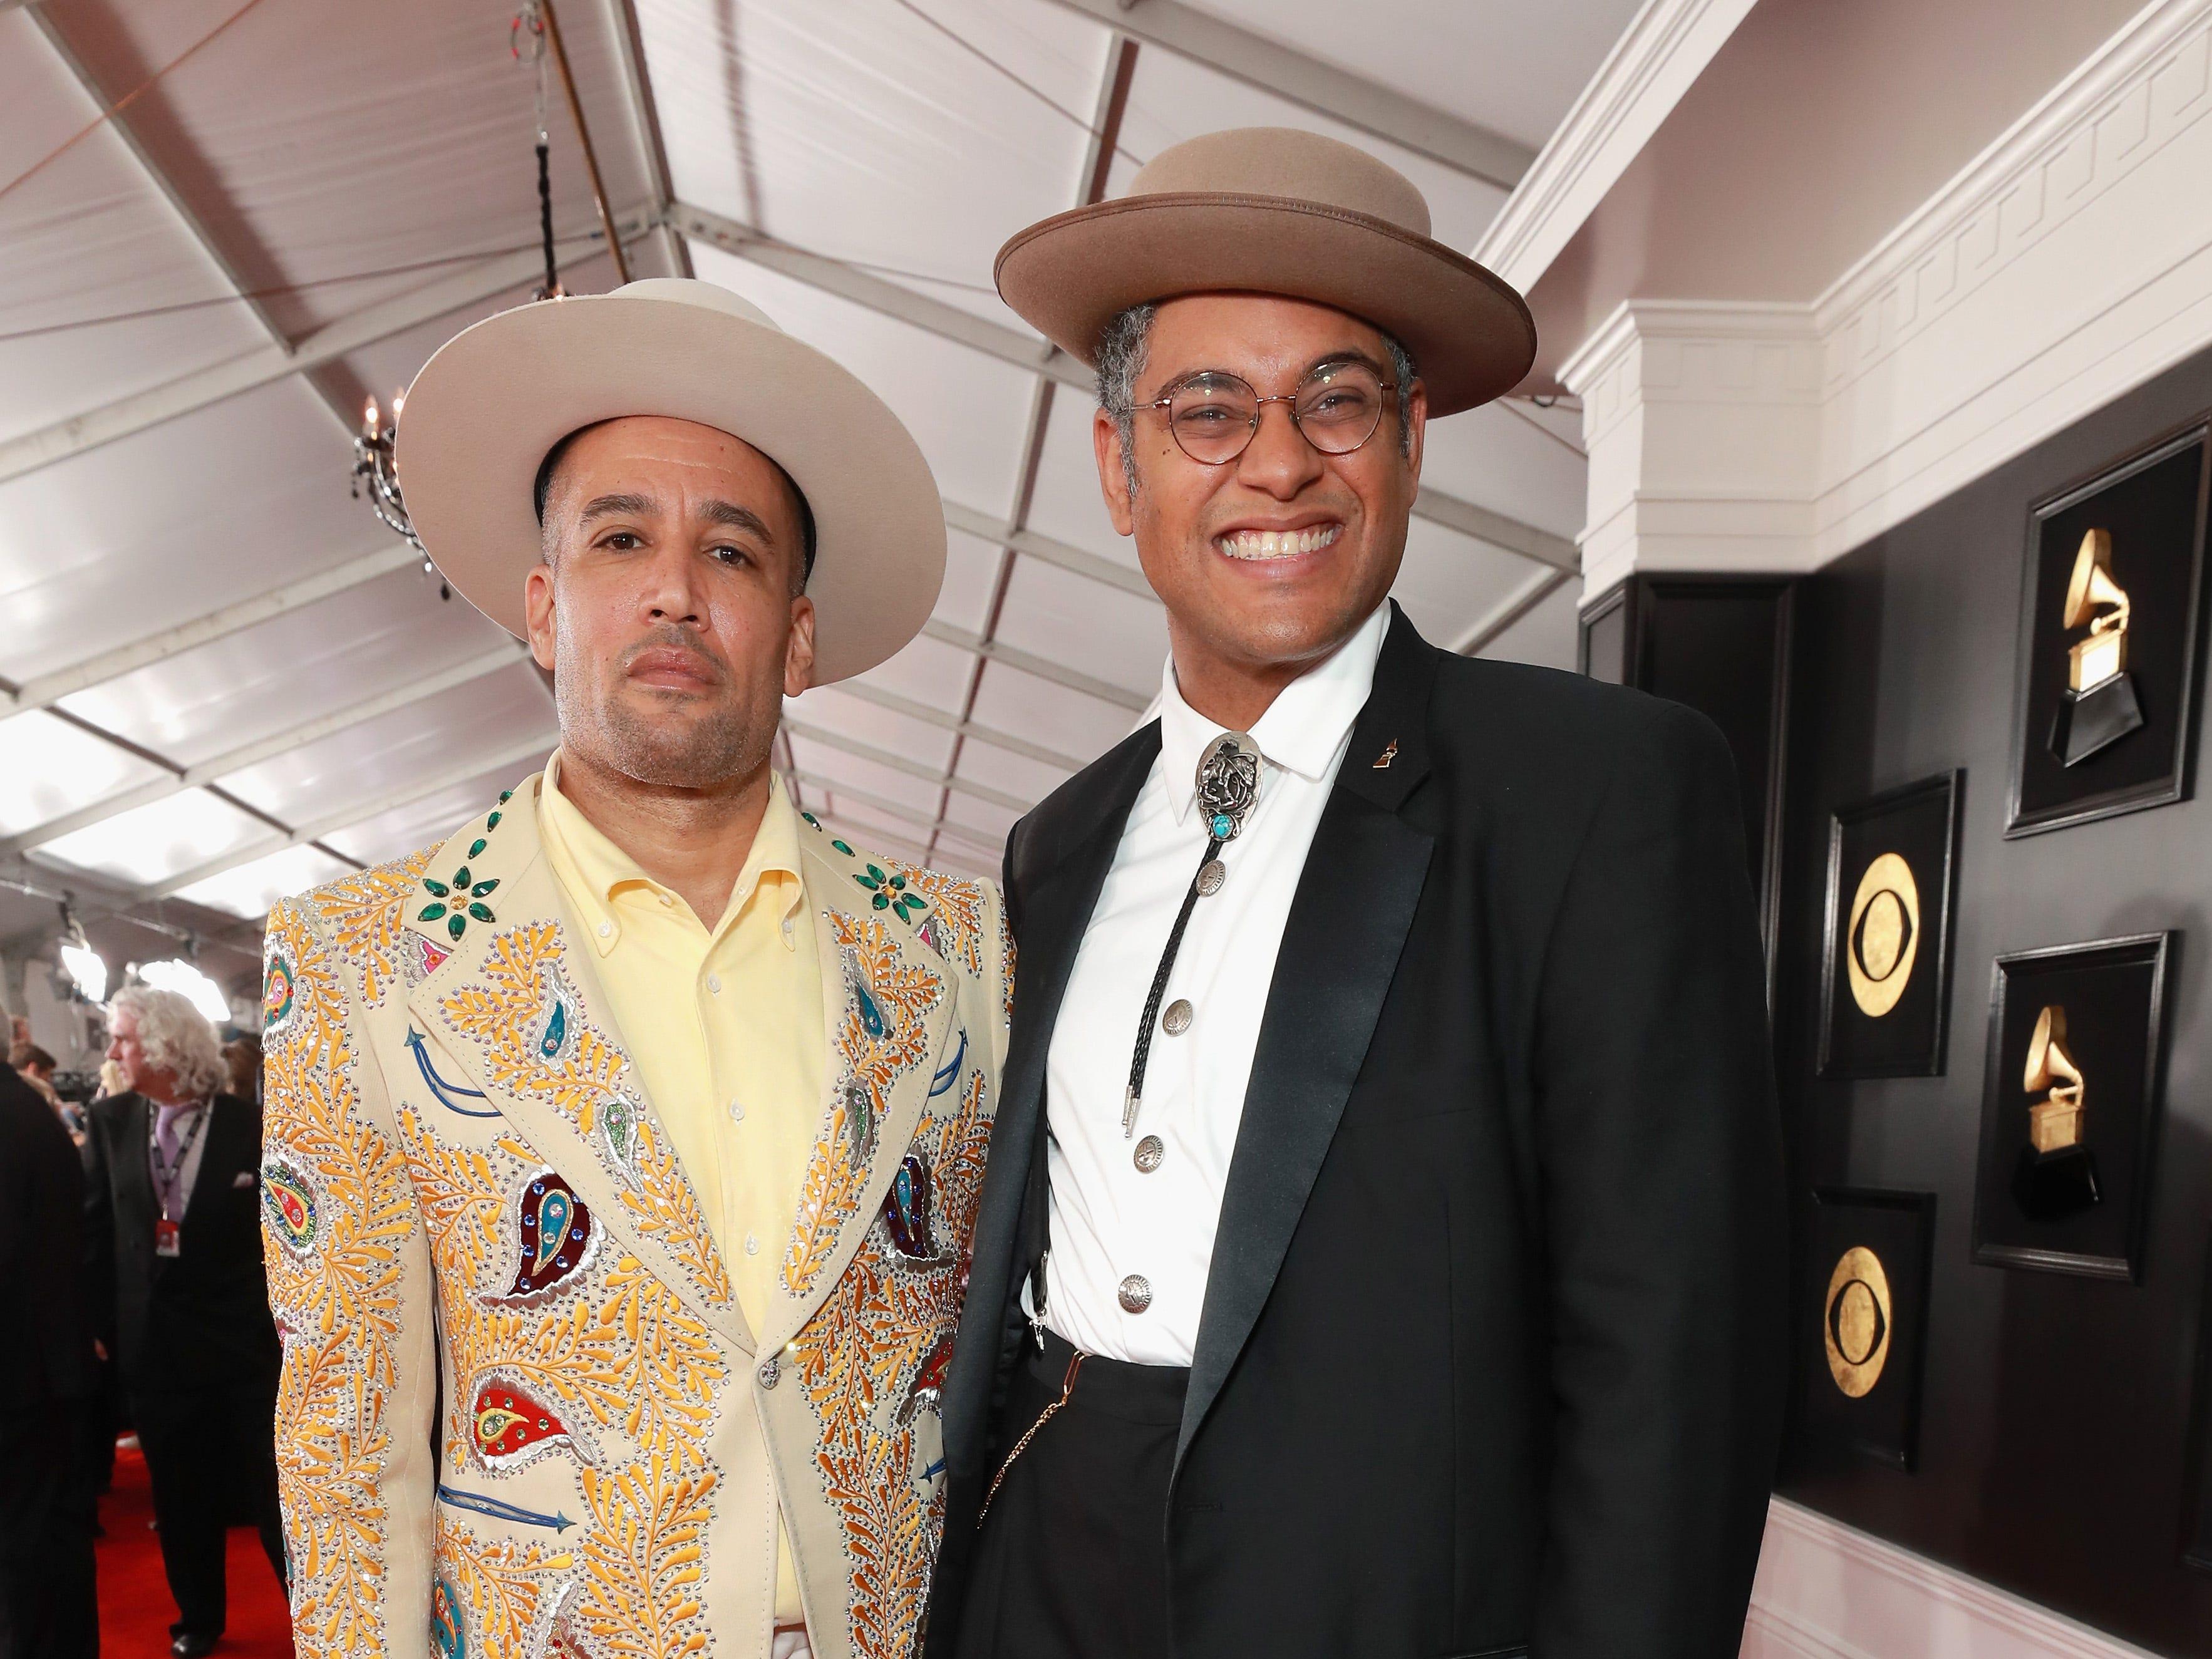 Ben Harper y un invitado asisten a la 61ª edición de los premios GRAMMY en el Staples Center el 10 de febrero de 2019 en Los Ángeles, California.